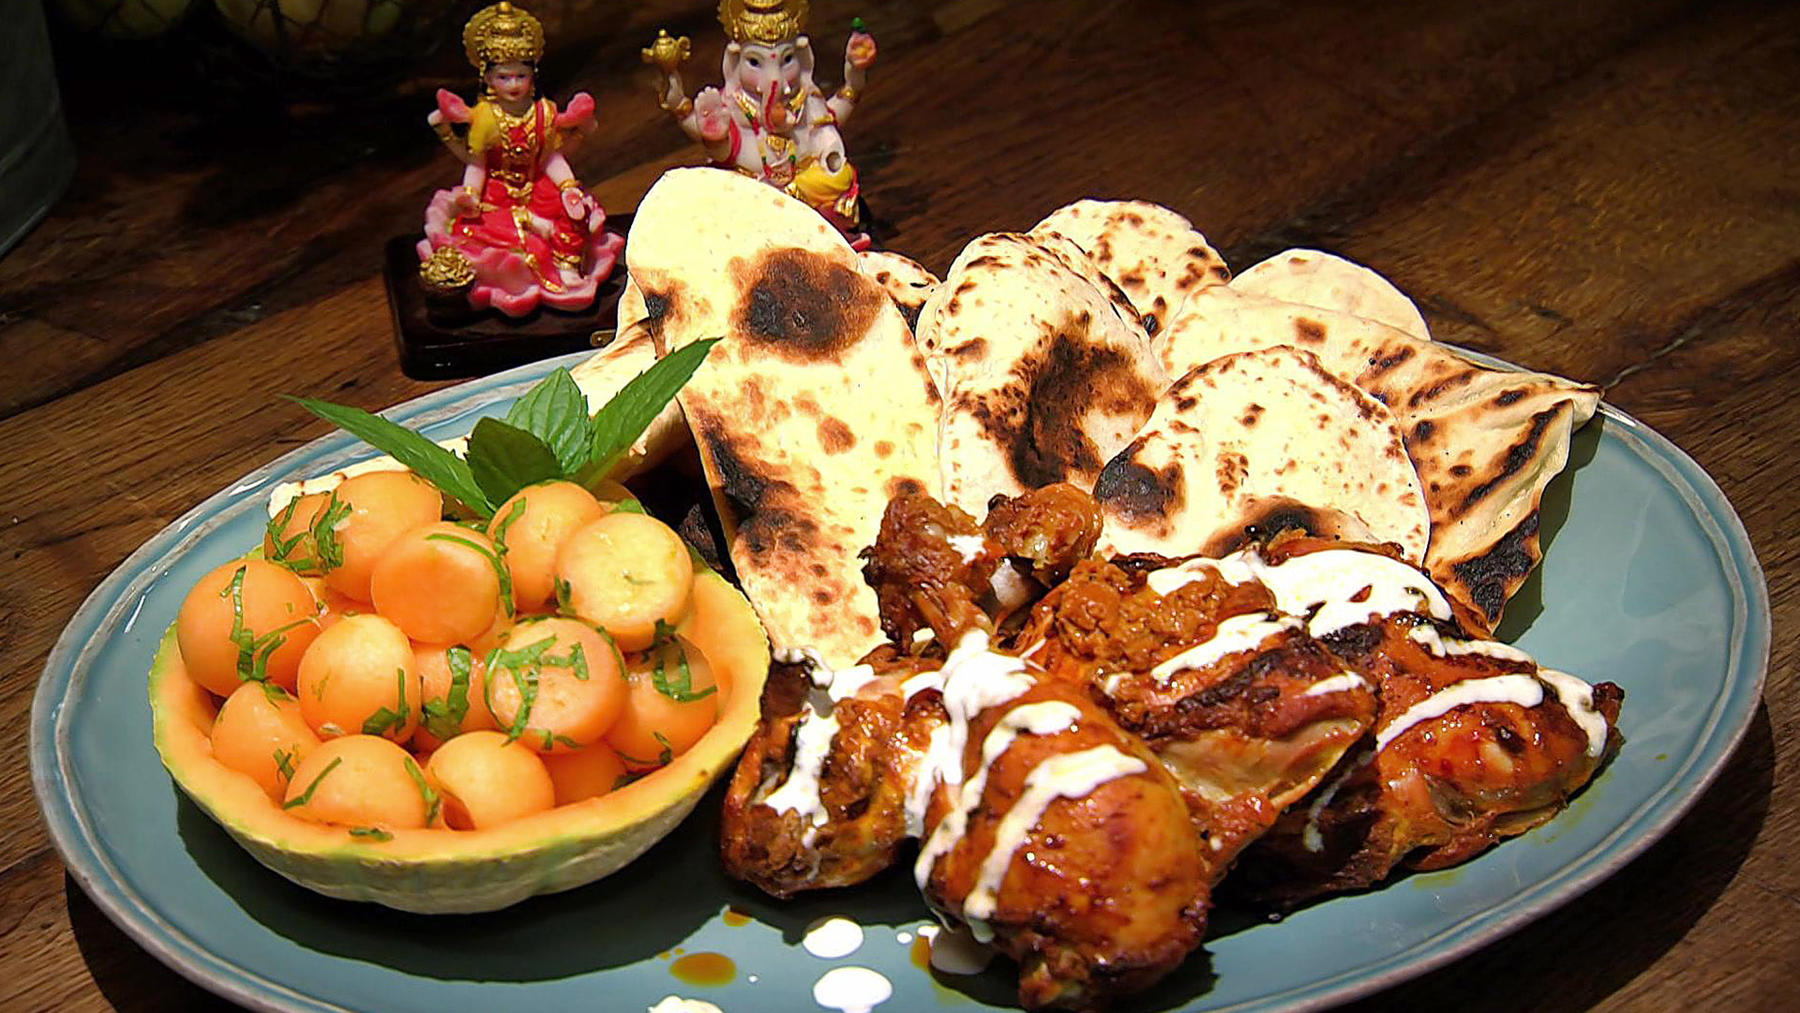 Buntes Bollywood - Indische Küche für Einsteiger | Folge 43